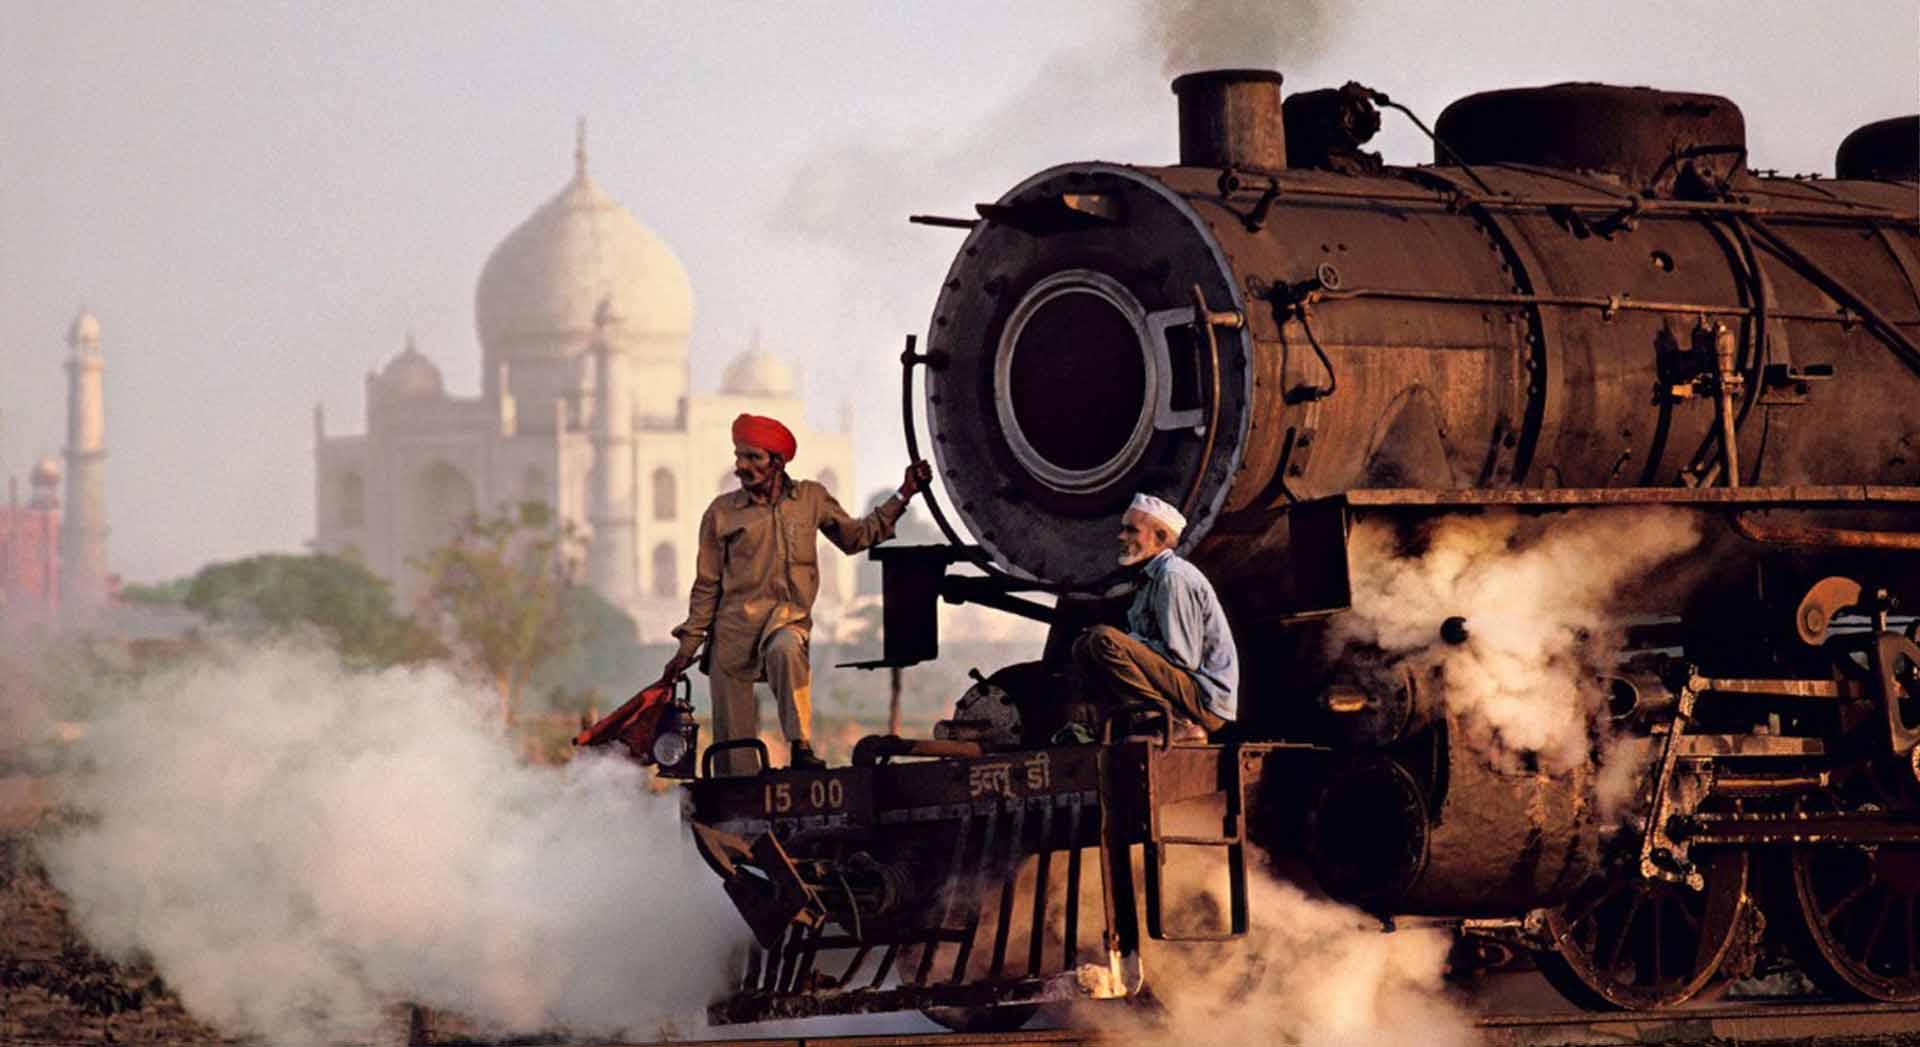 Steve McCurry - Taj Mahal and train, Agra, 1983